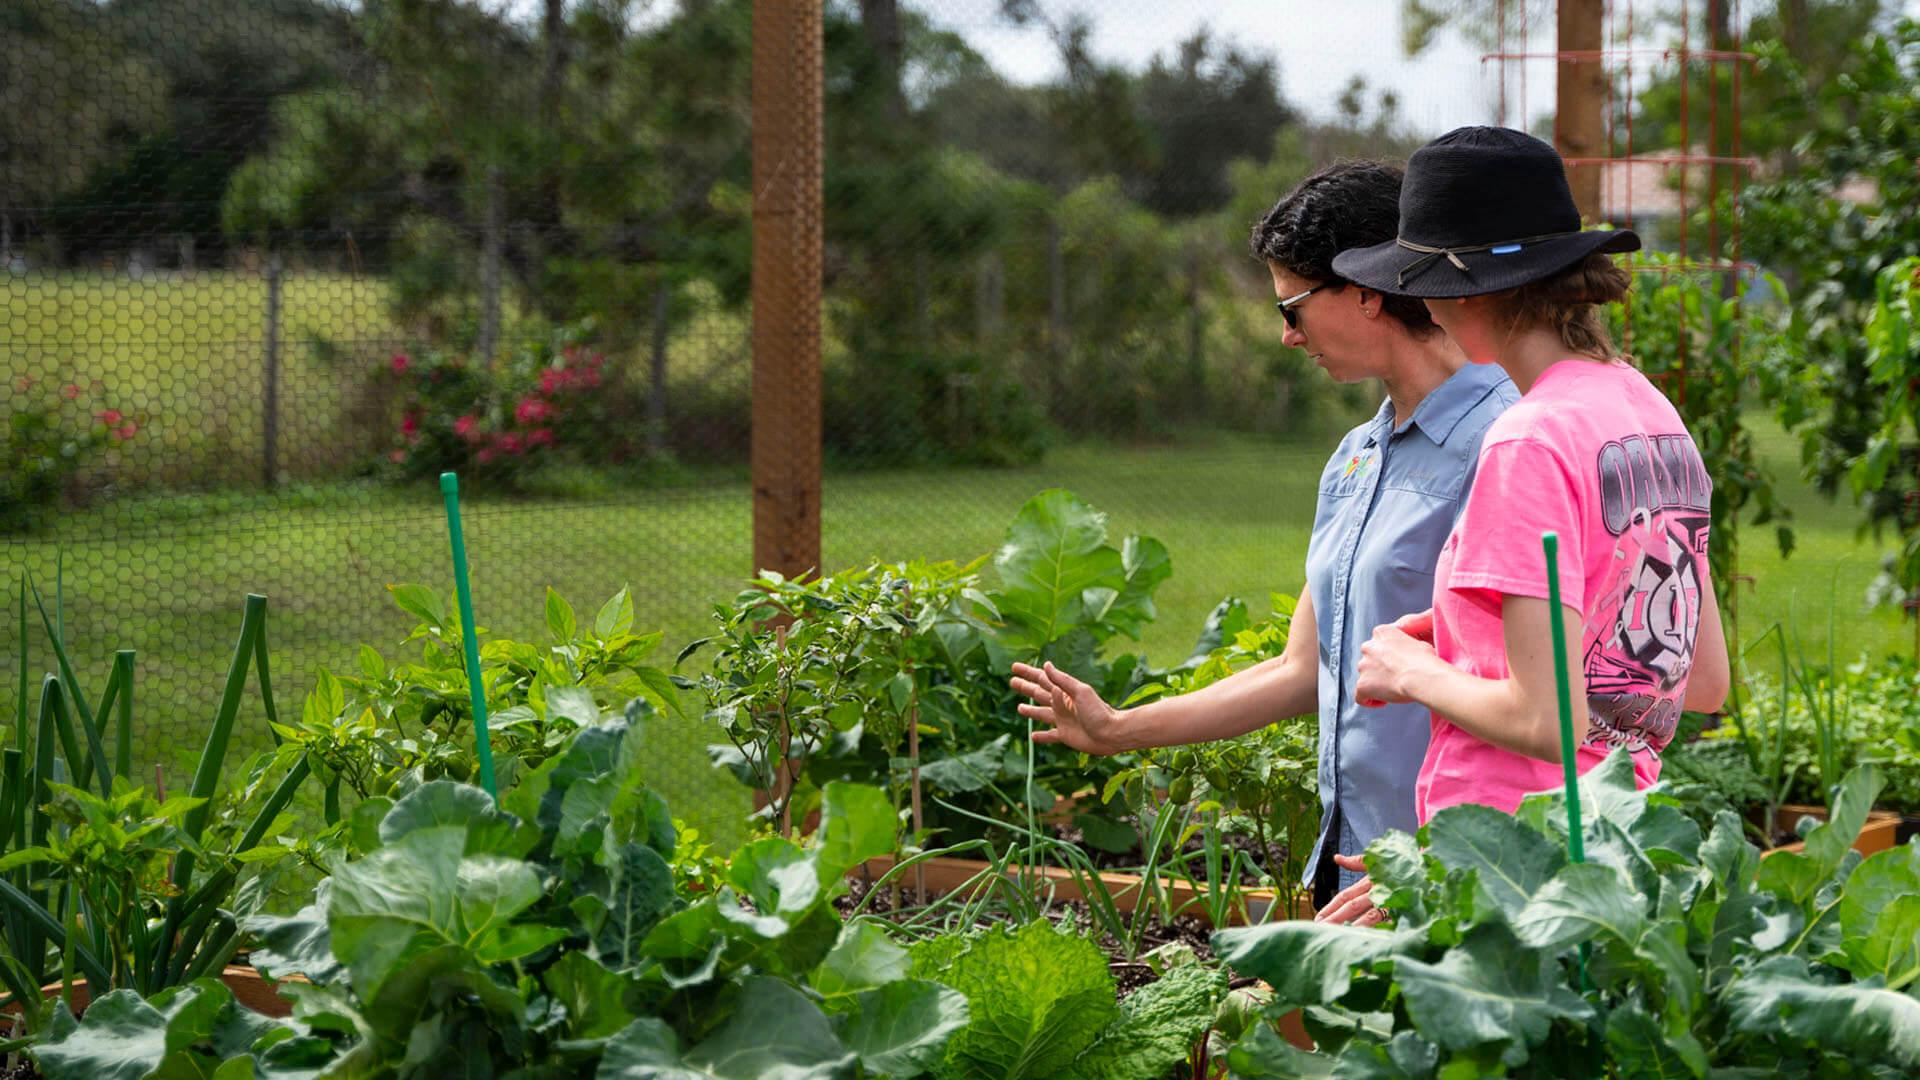 Gardening team